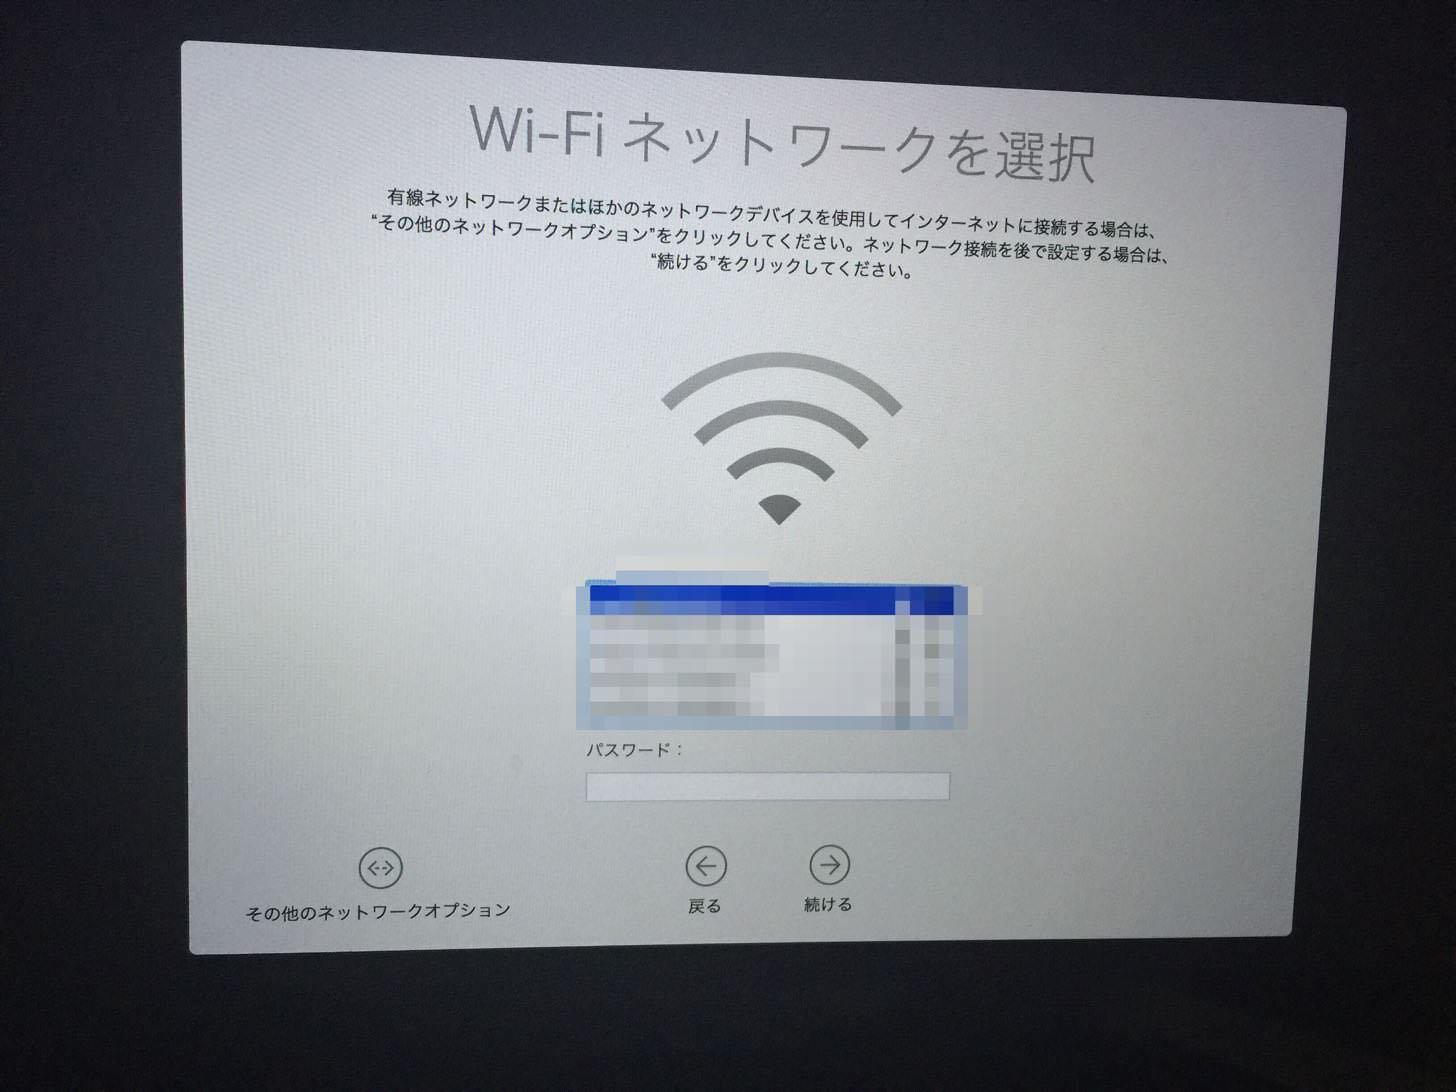 Wi-Fiを接続します。